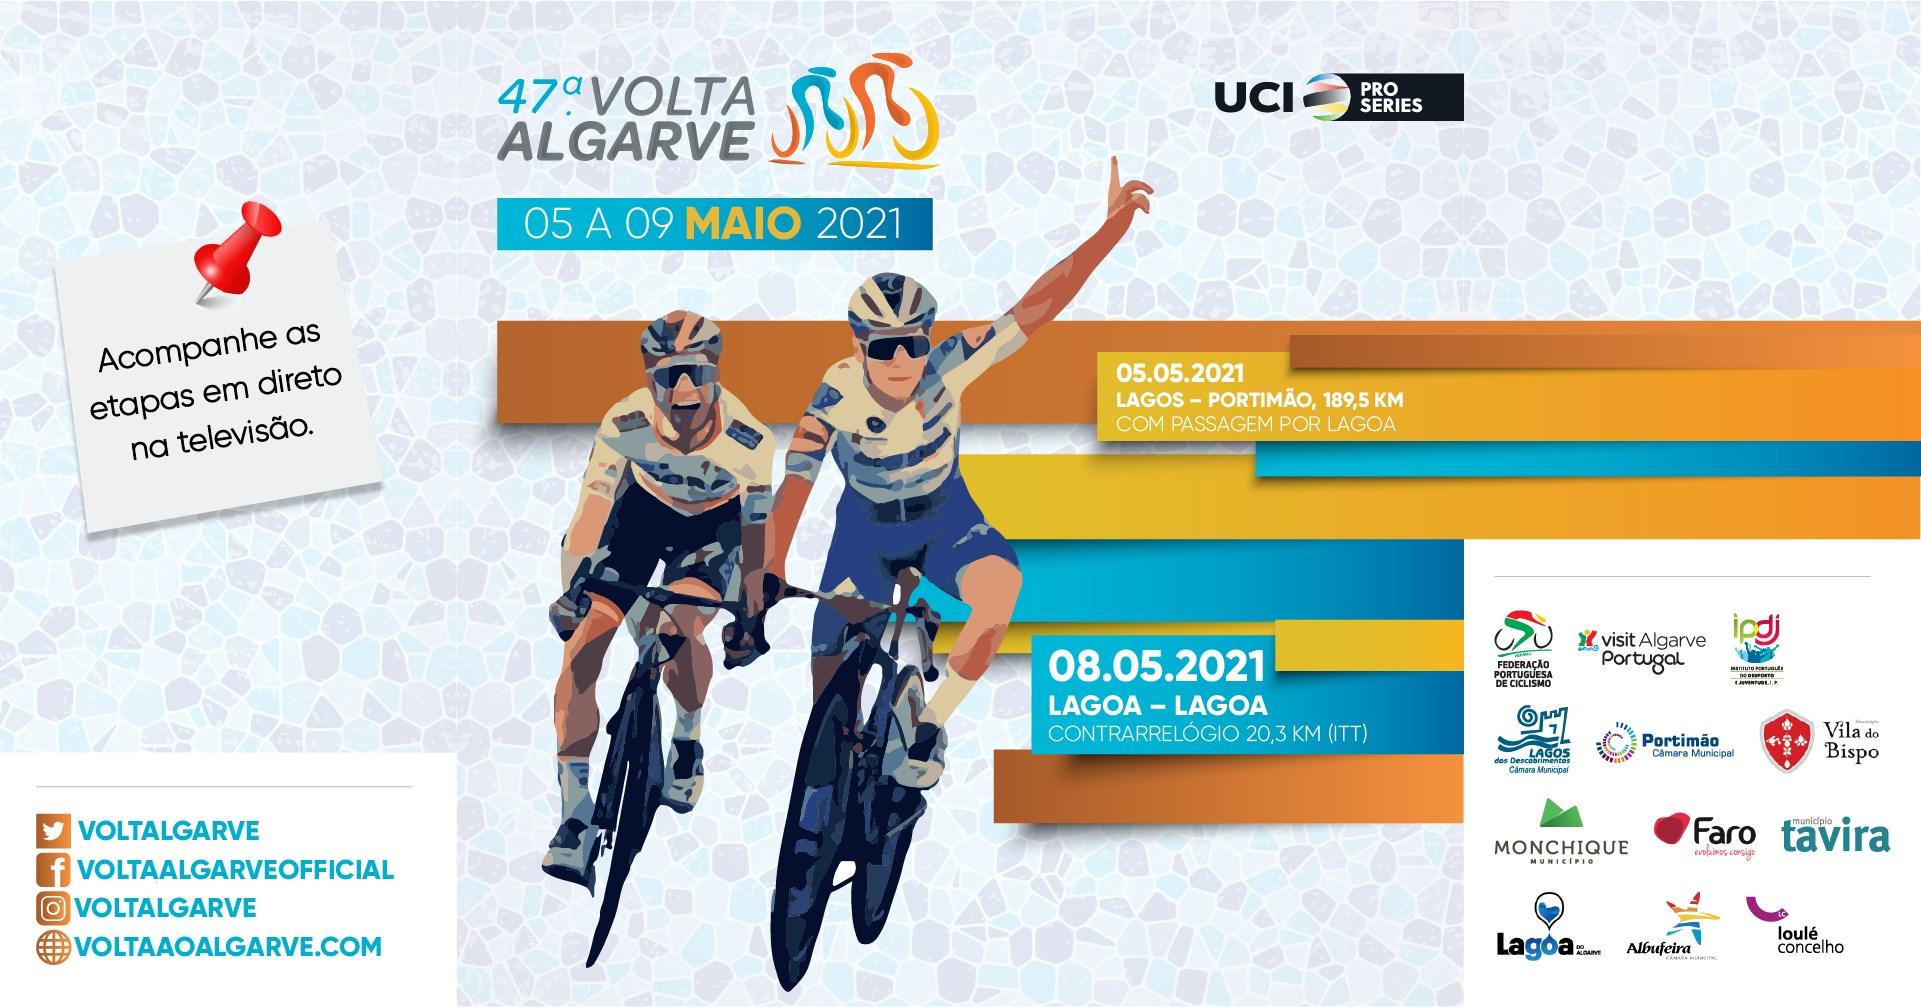 47ª Volta ao Algarve   contrarrelógio de Lagoa - Lagoa